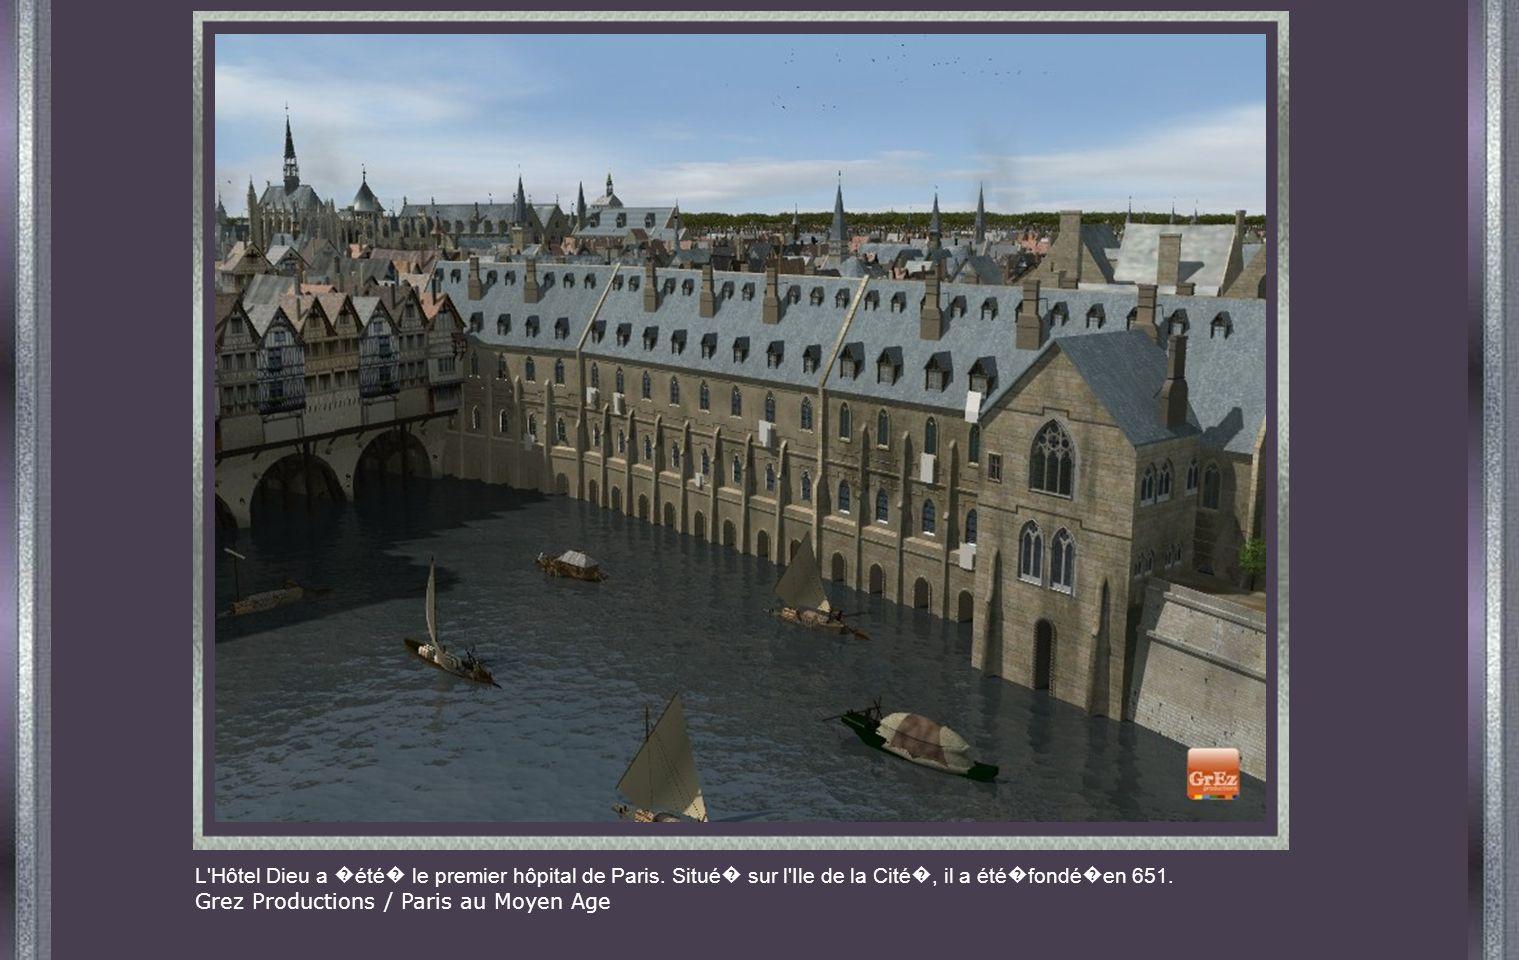 L Hôtel Dieu a été le premier hôpital de Paris.Situé sur l Ile de la Cité, il a été fondé en 651.